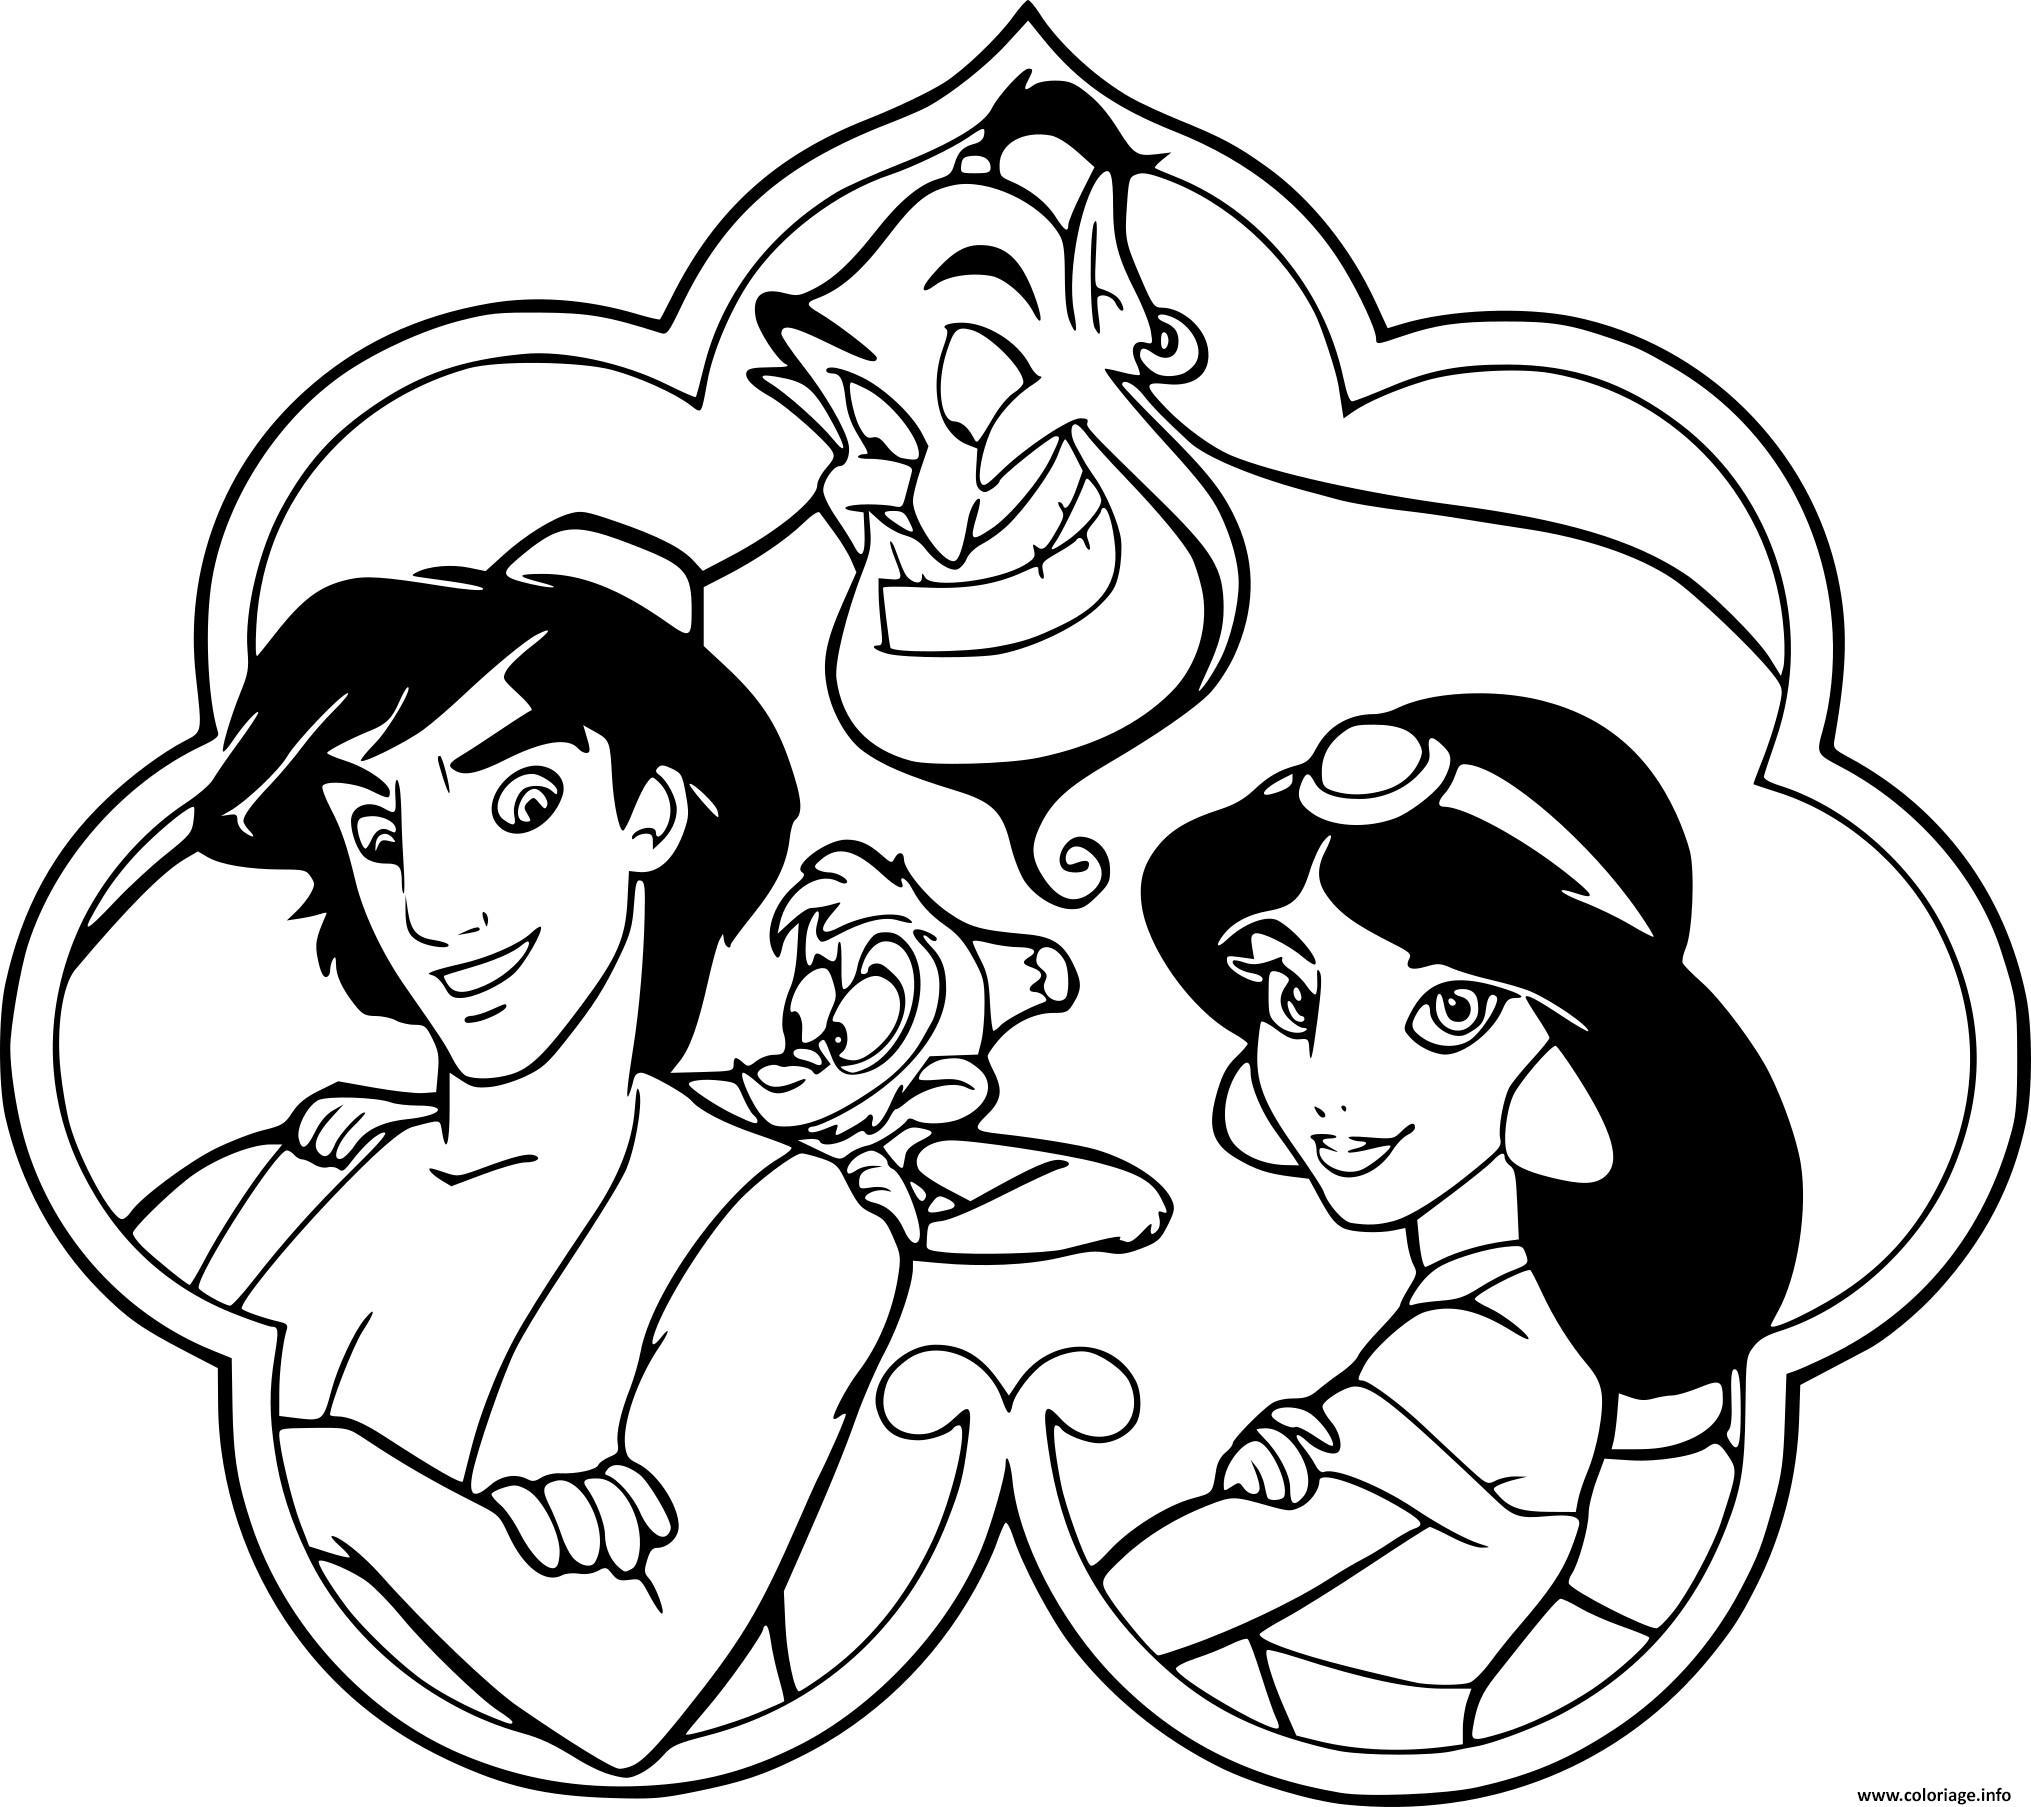 Coloriage aladdin jasmine genie abu dessin - Coloriage de jasmine et aladin ...